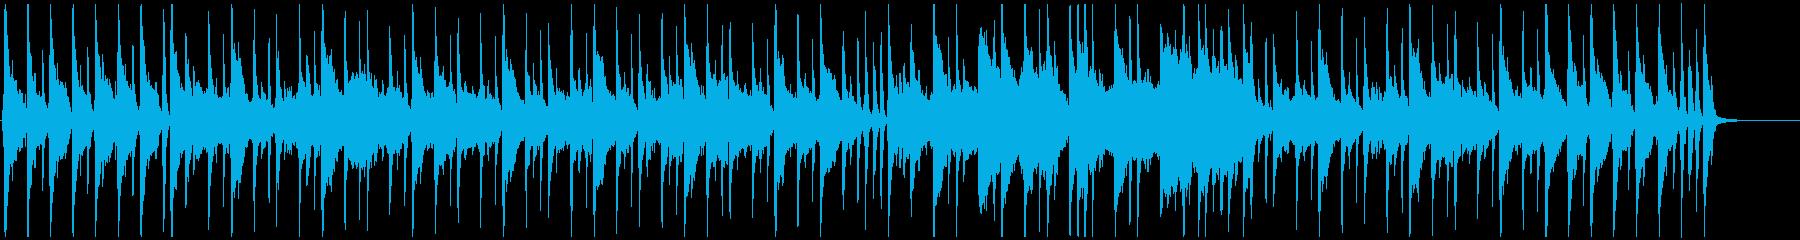 穏やかな日常系のワルツの再生済みの波形